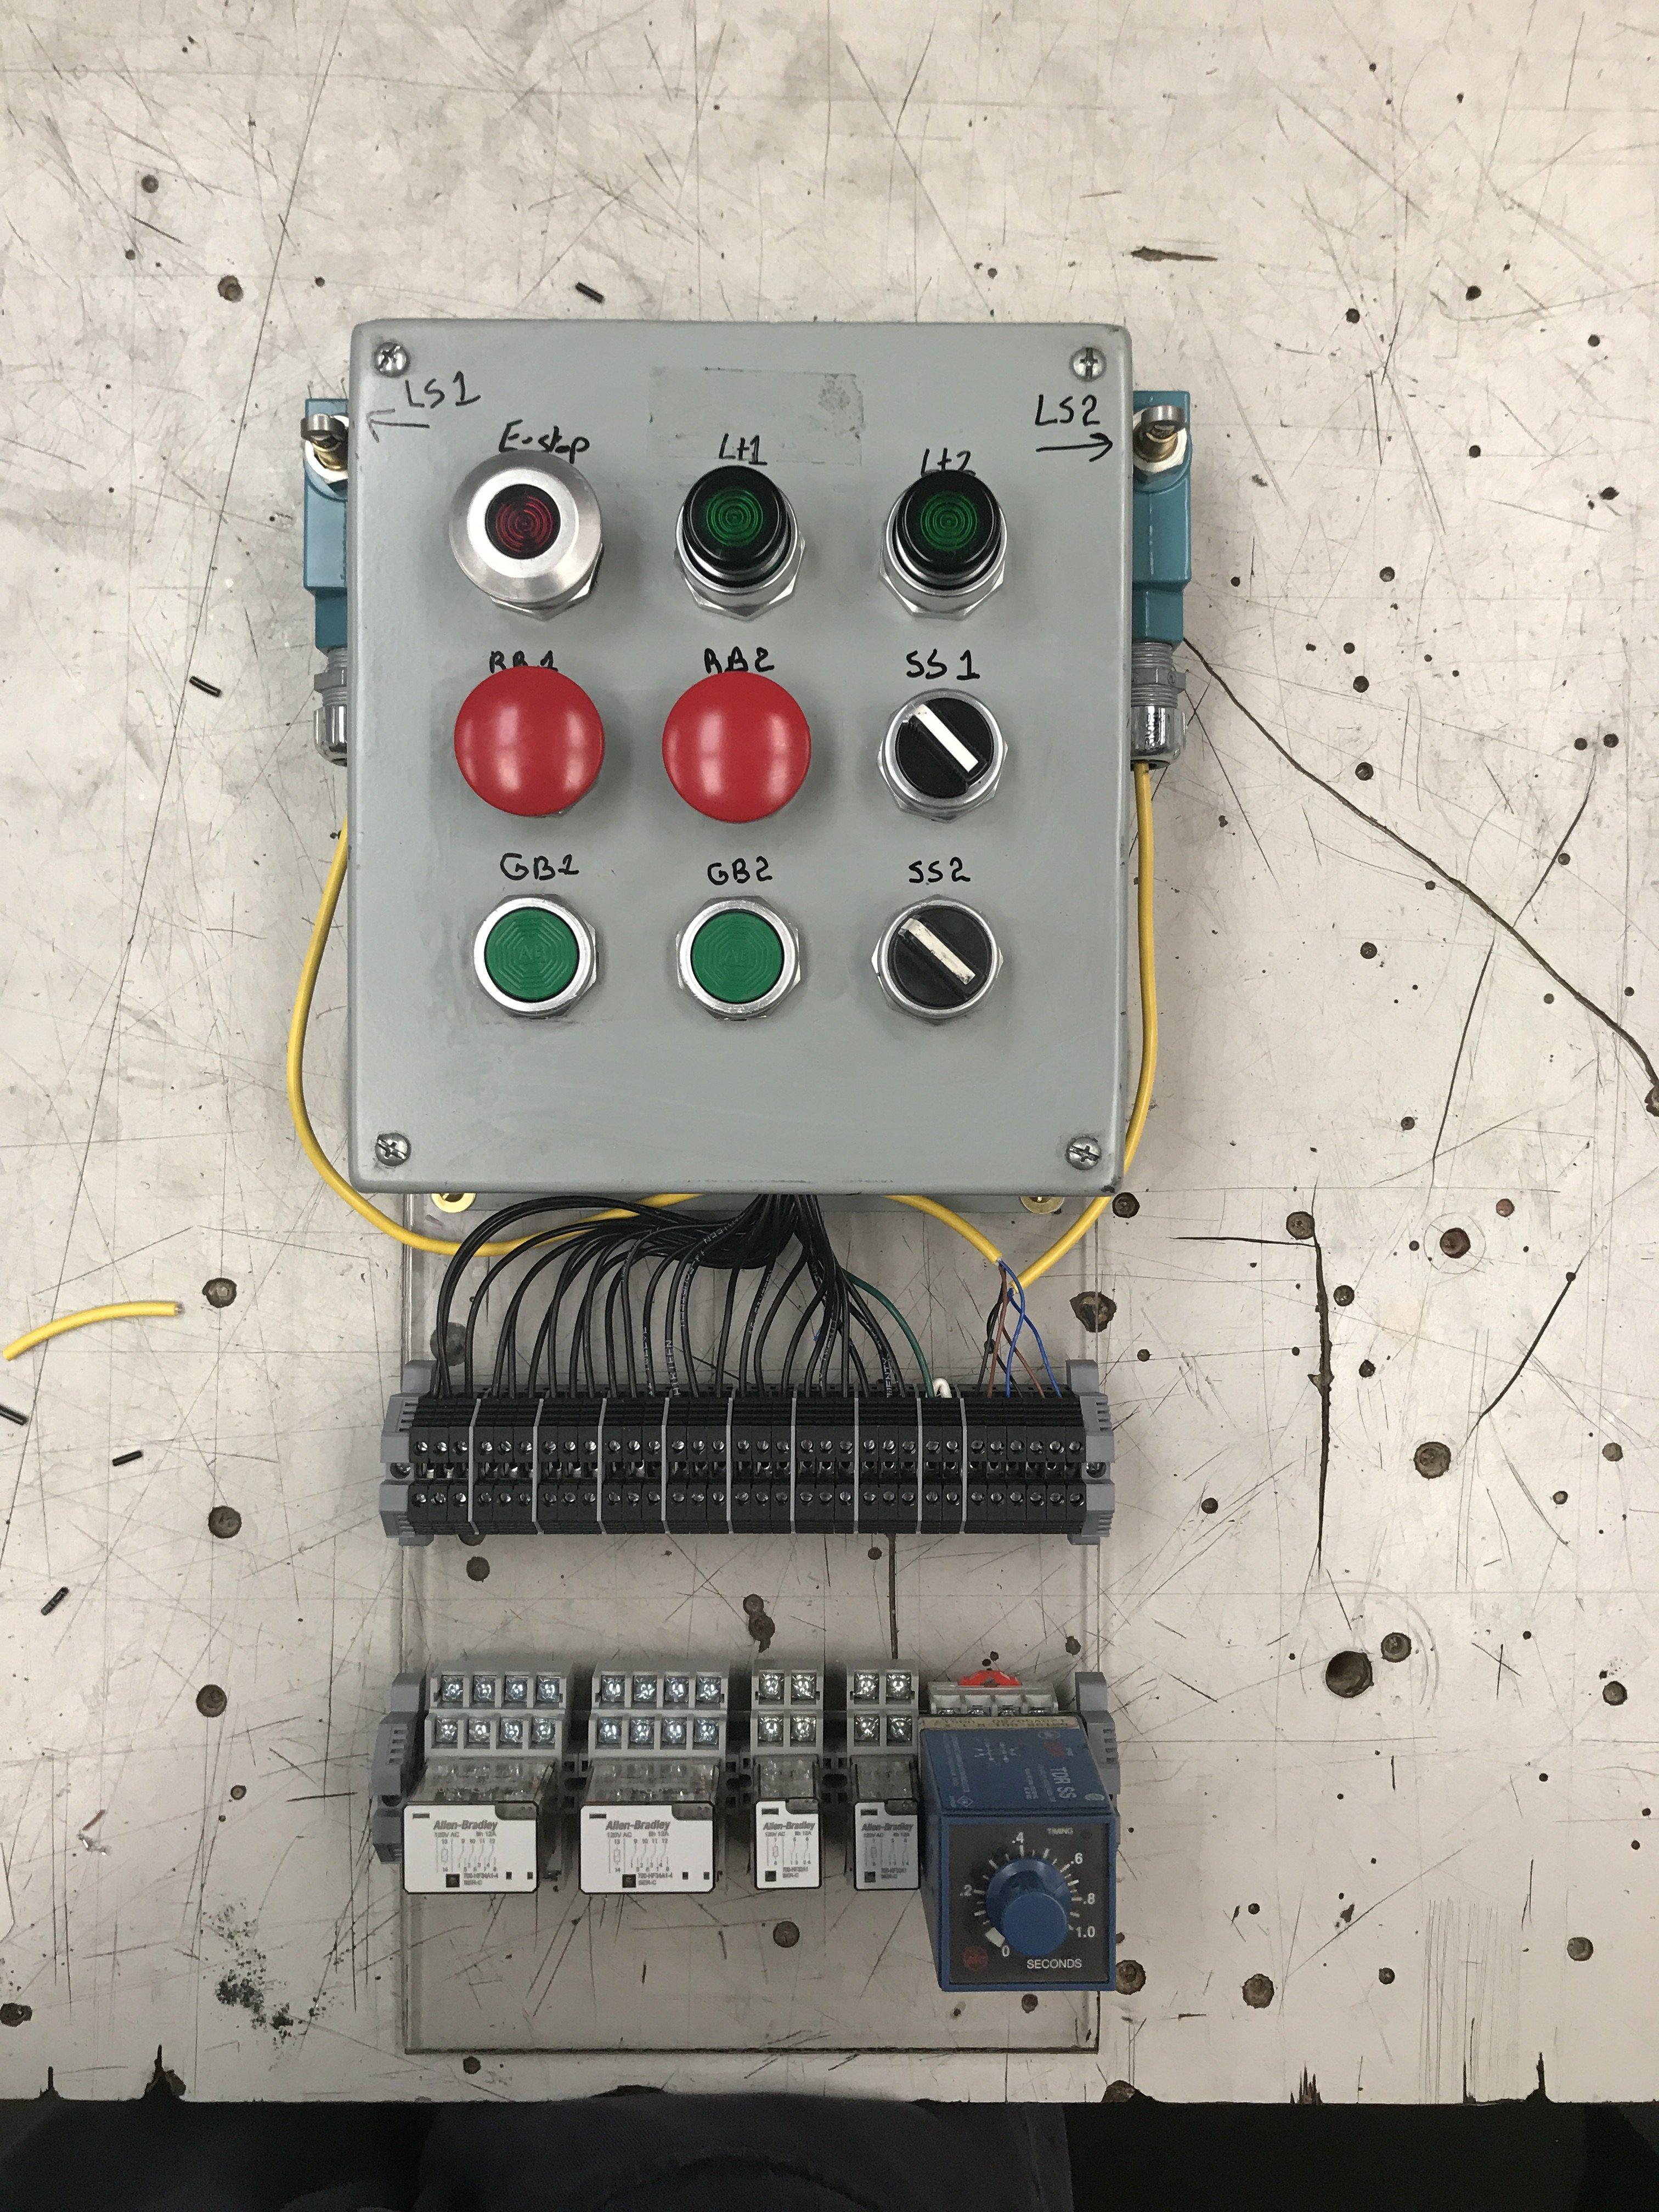 1AA10CAD-C54C-45A3-A1D2-D878F1E2C125.jpeg